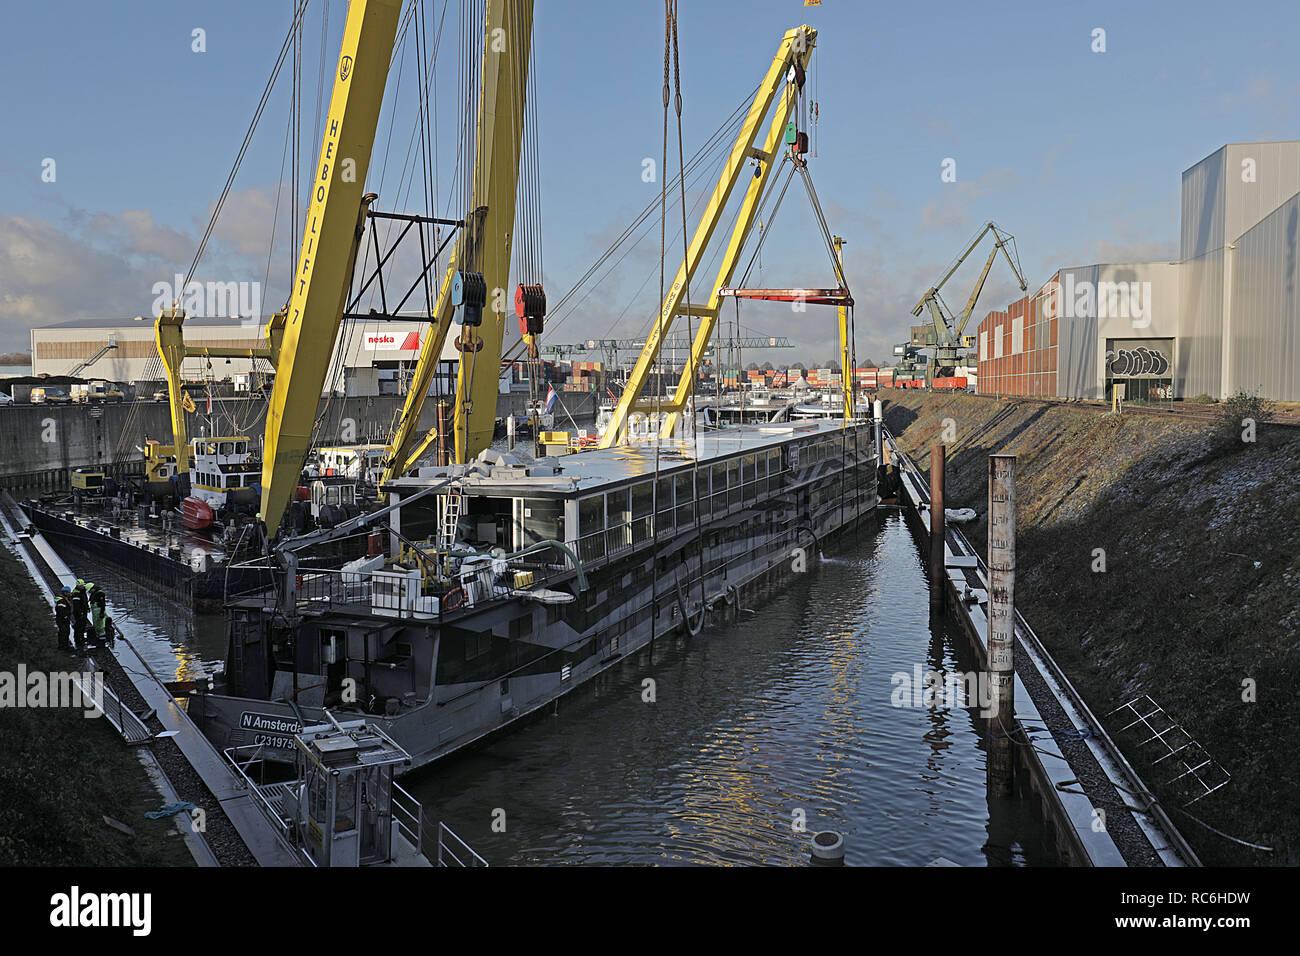 Weihnachten 2019 Köln.14 Januar 2019 Nordrhein Westfalen Köln Ein Schiff Hängt Von